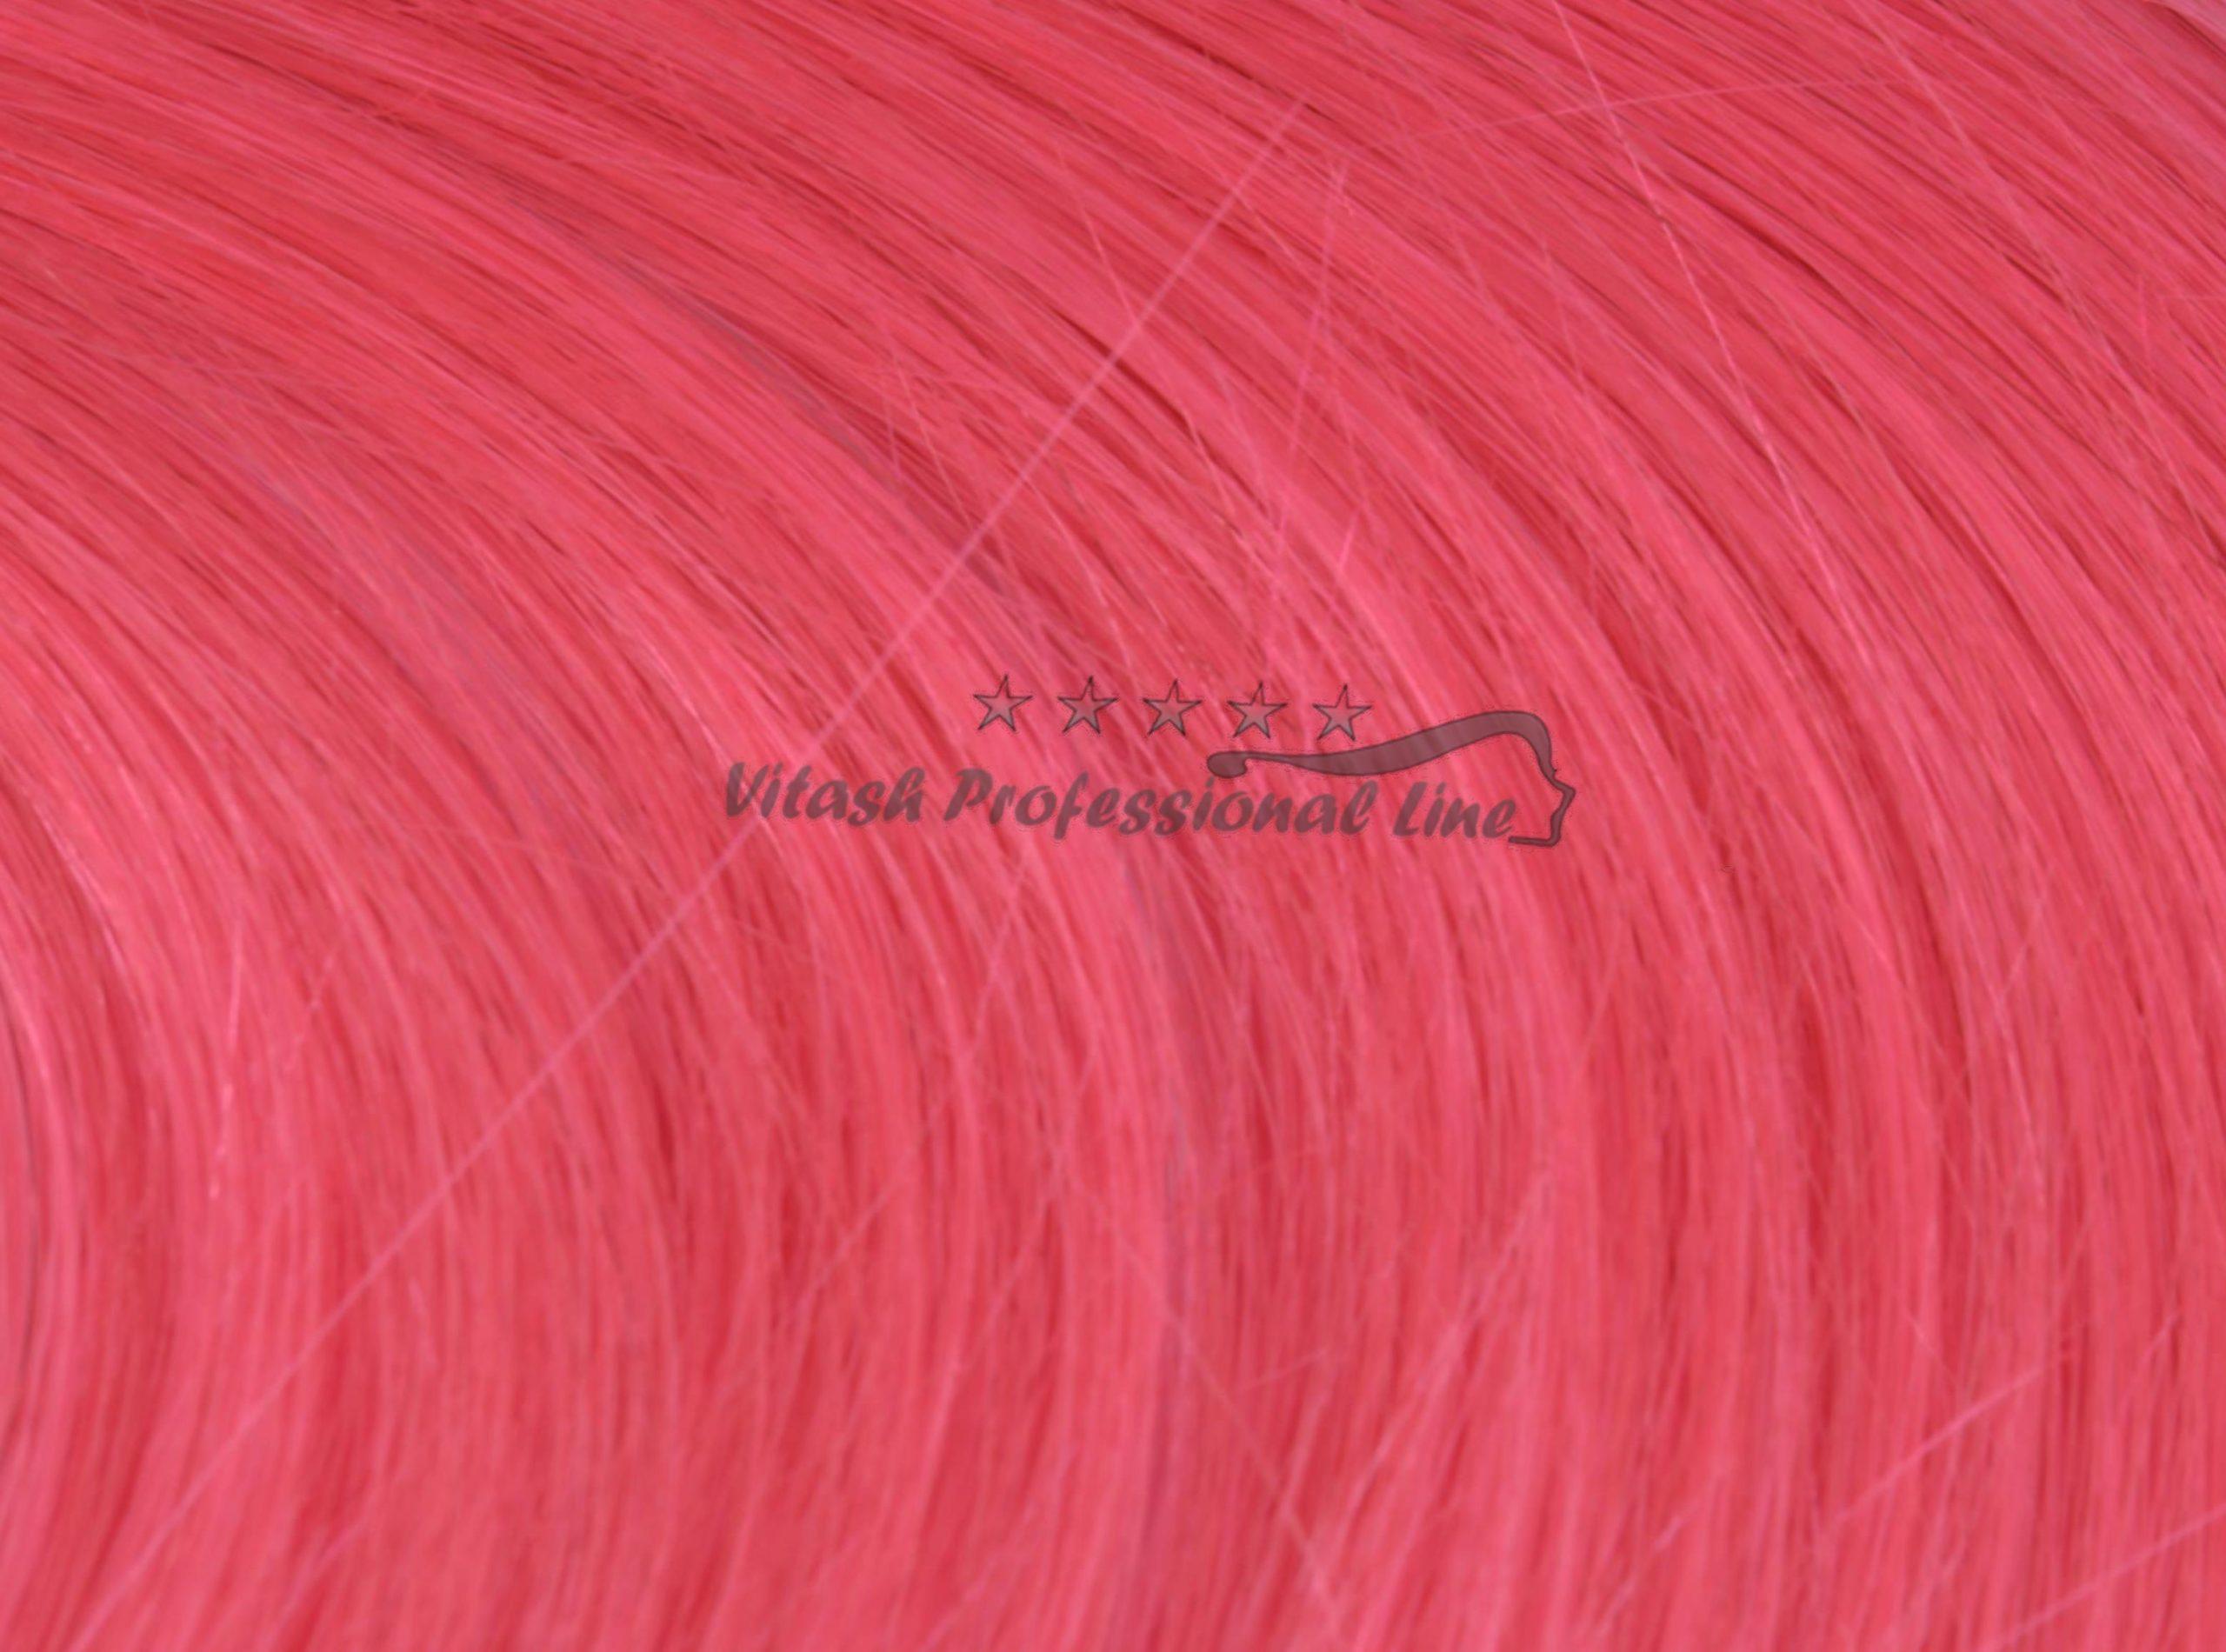 25 REMY indische Echthaar Strähnen - 0,8 Gramm pro Strähne # pink